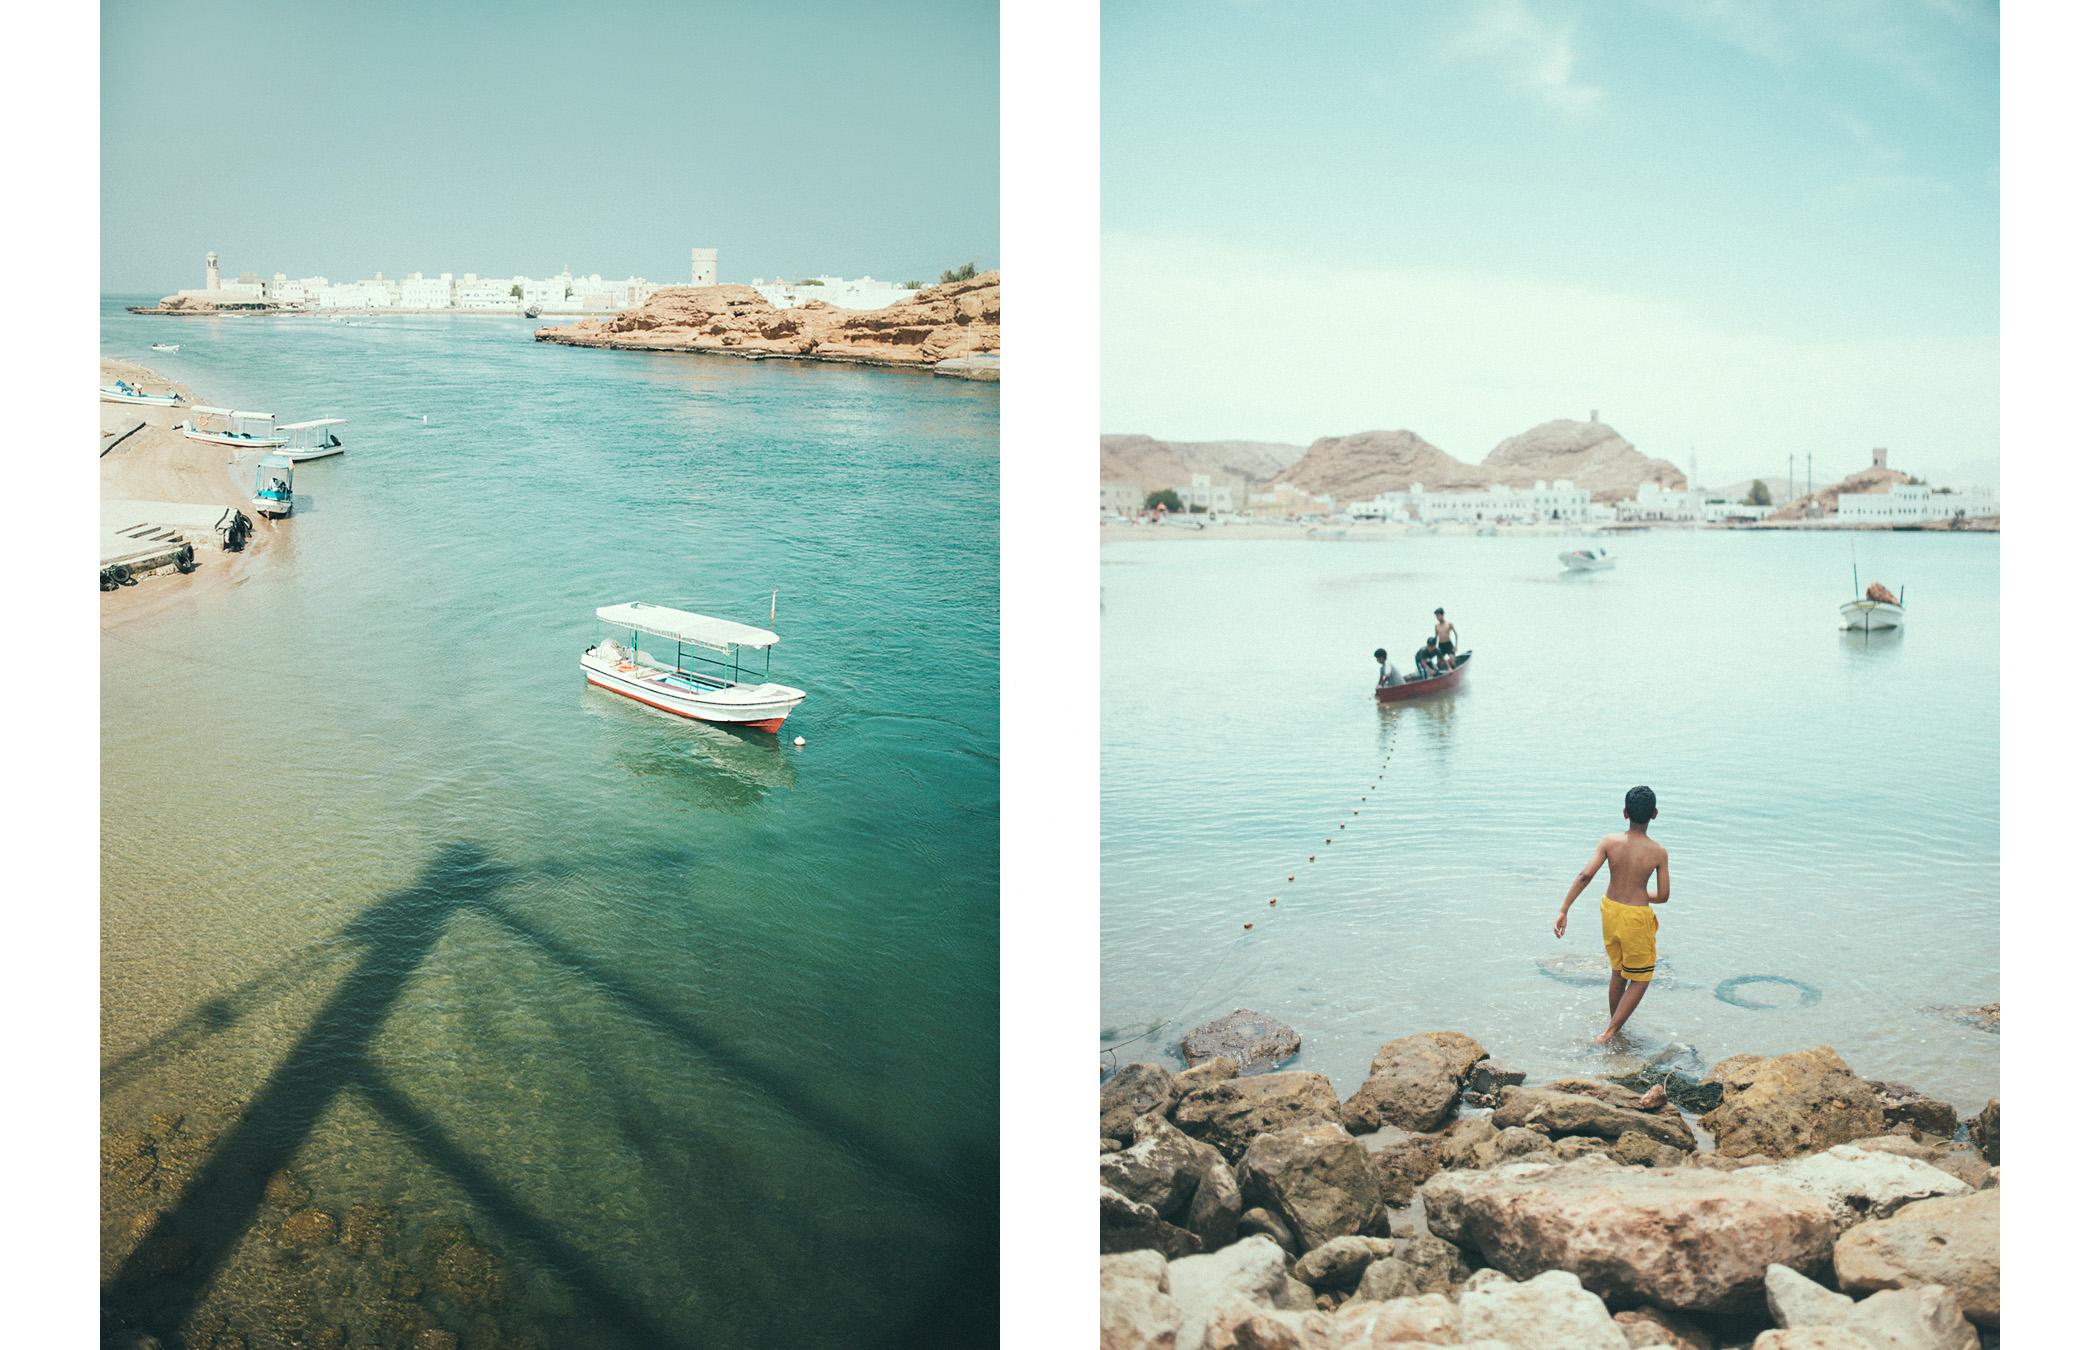 Sur, Oman